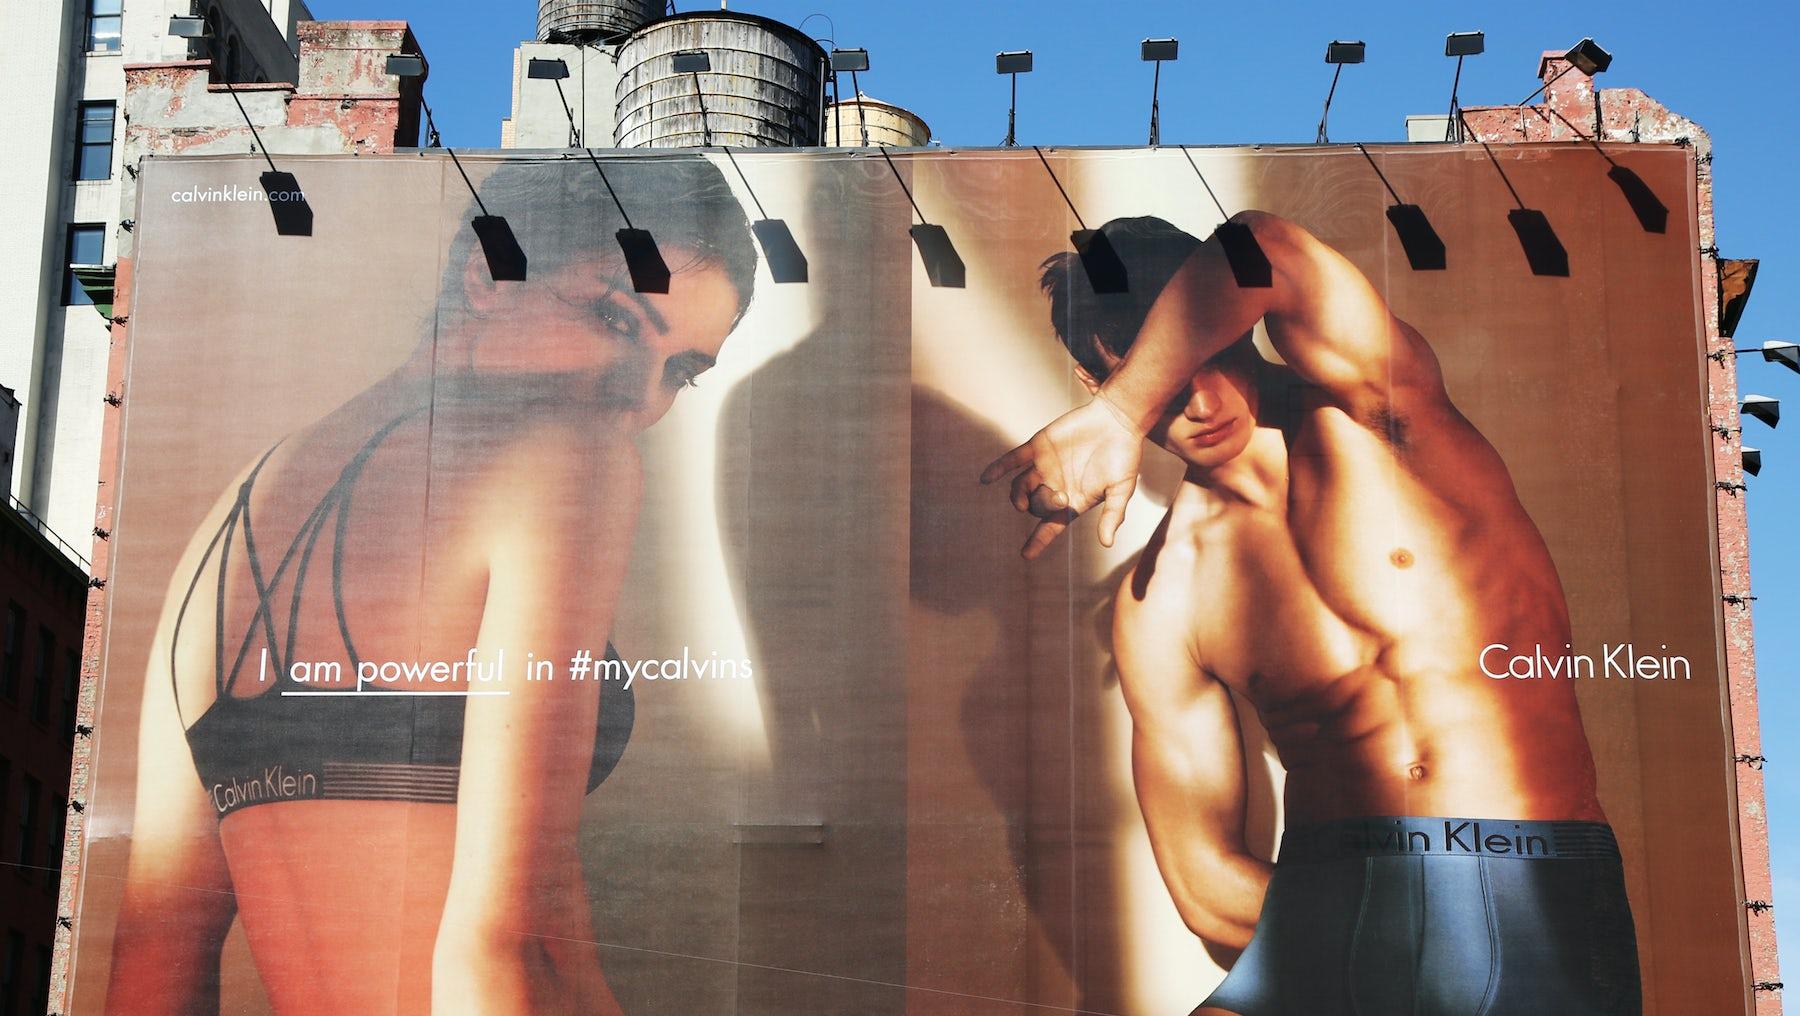 Calvin Klein underwear billboard | Source: Shutterstock